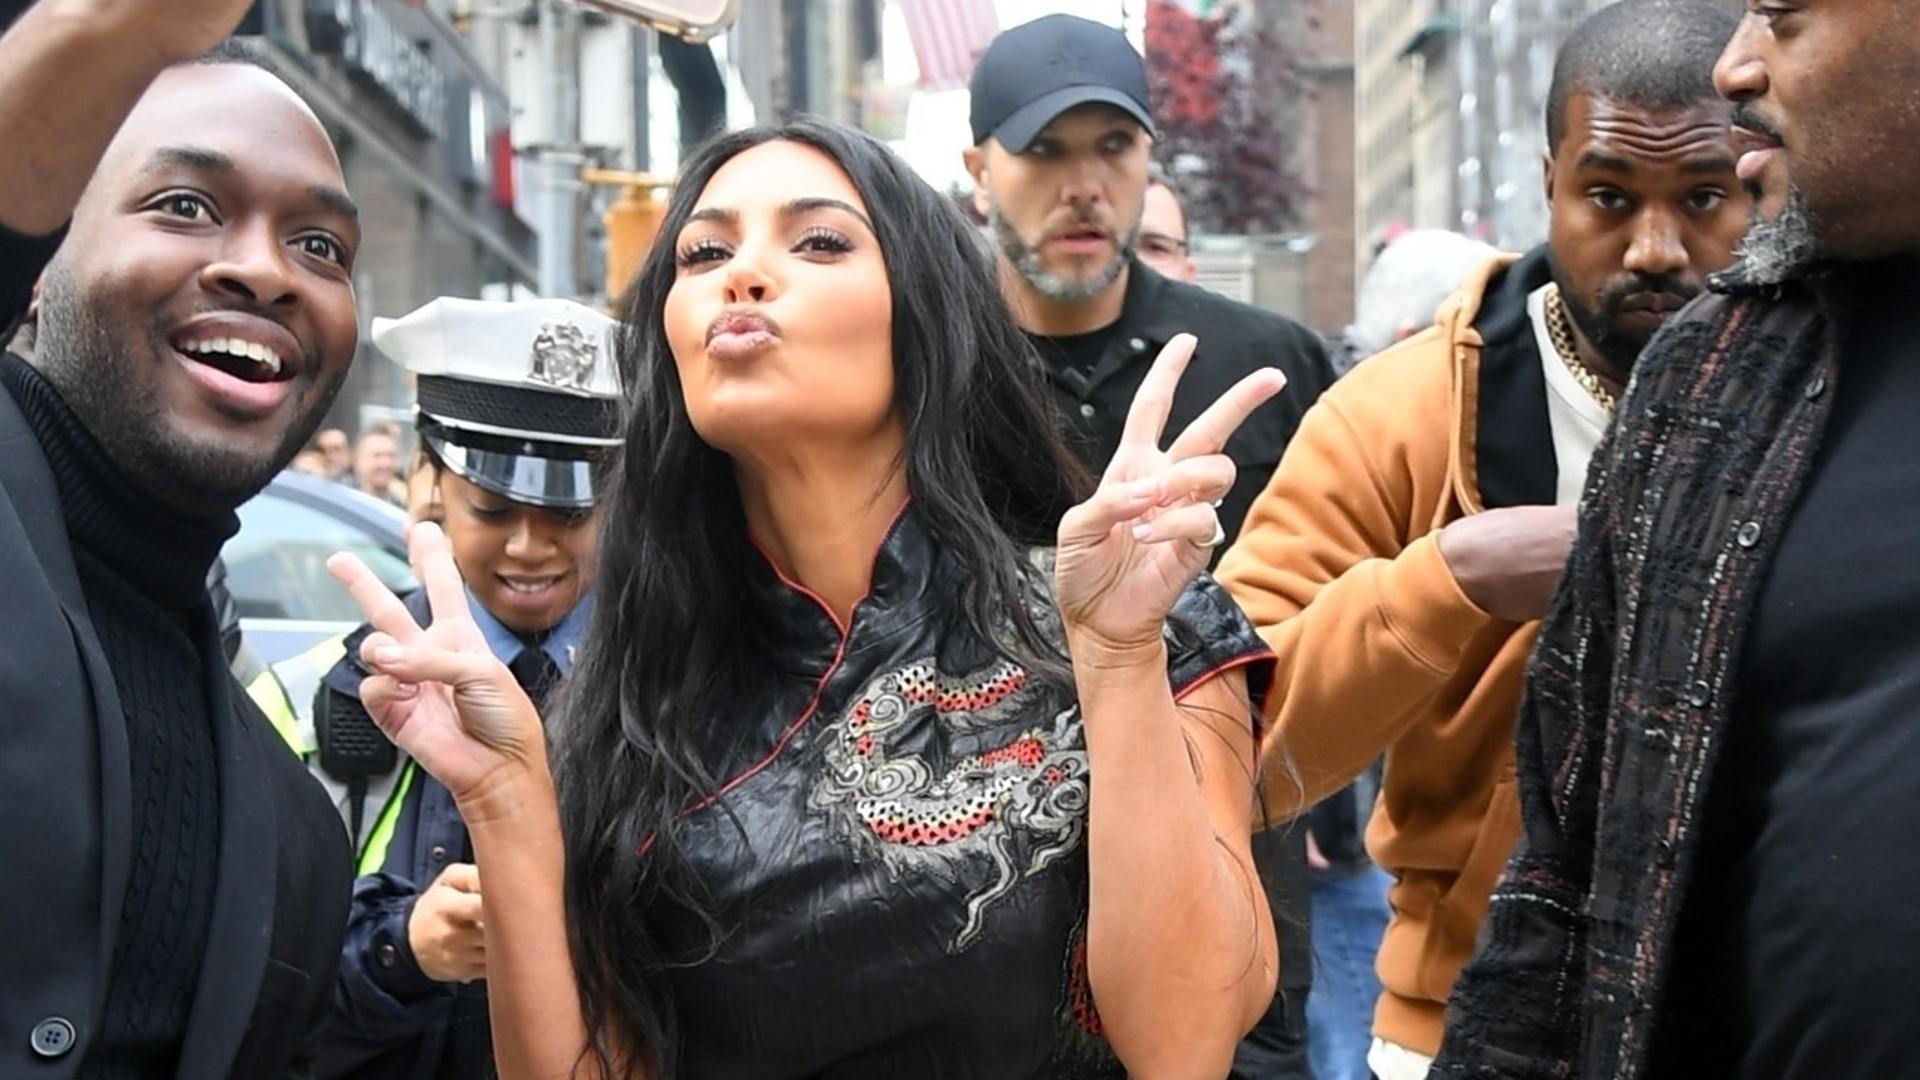 Kim Kardashian zabrała Kanye Westa na zakupy: w TYCH SPODNIACH ledwie chodziła (ZDJĘCIA)